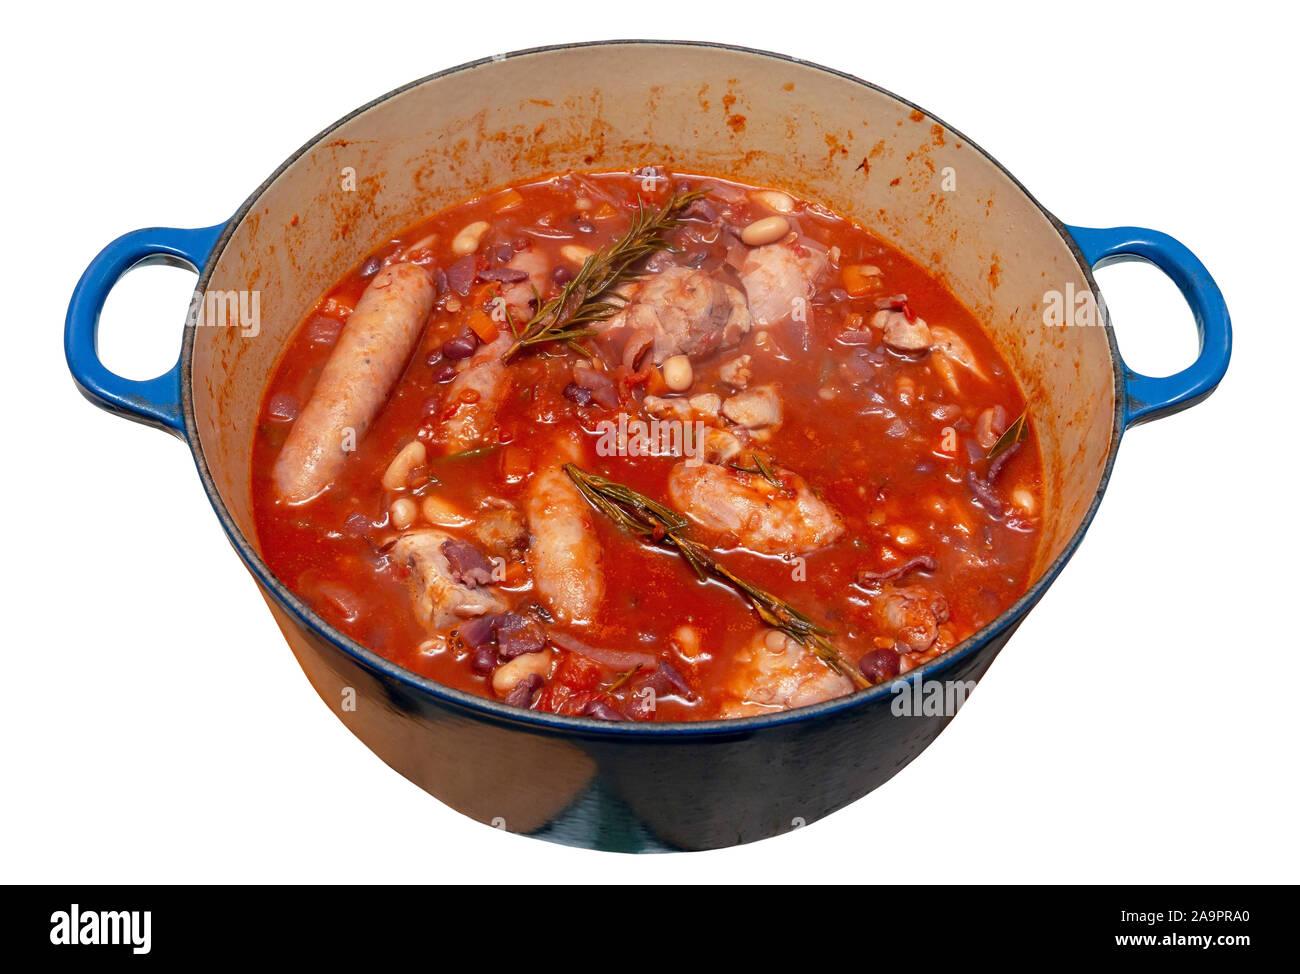 Poulet, saucisses, bacon et haricots cassoulet dans un grand pan bleu sur un fond blanc isolé Banque D'Images